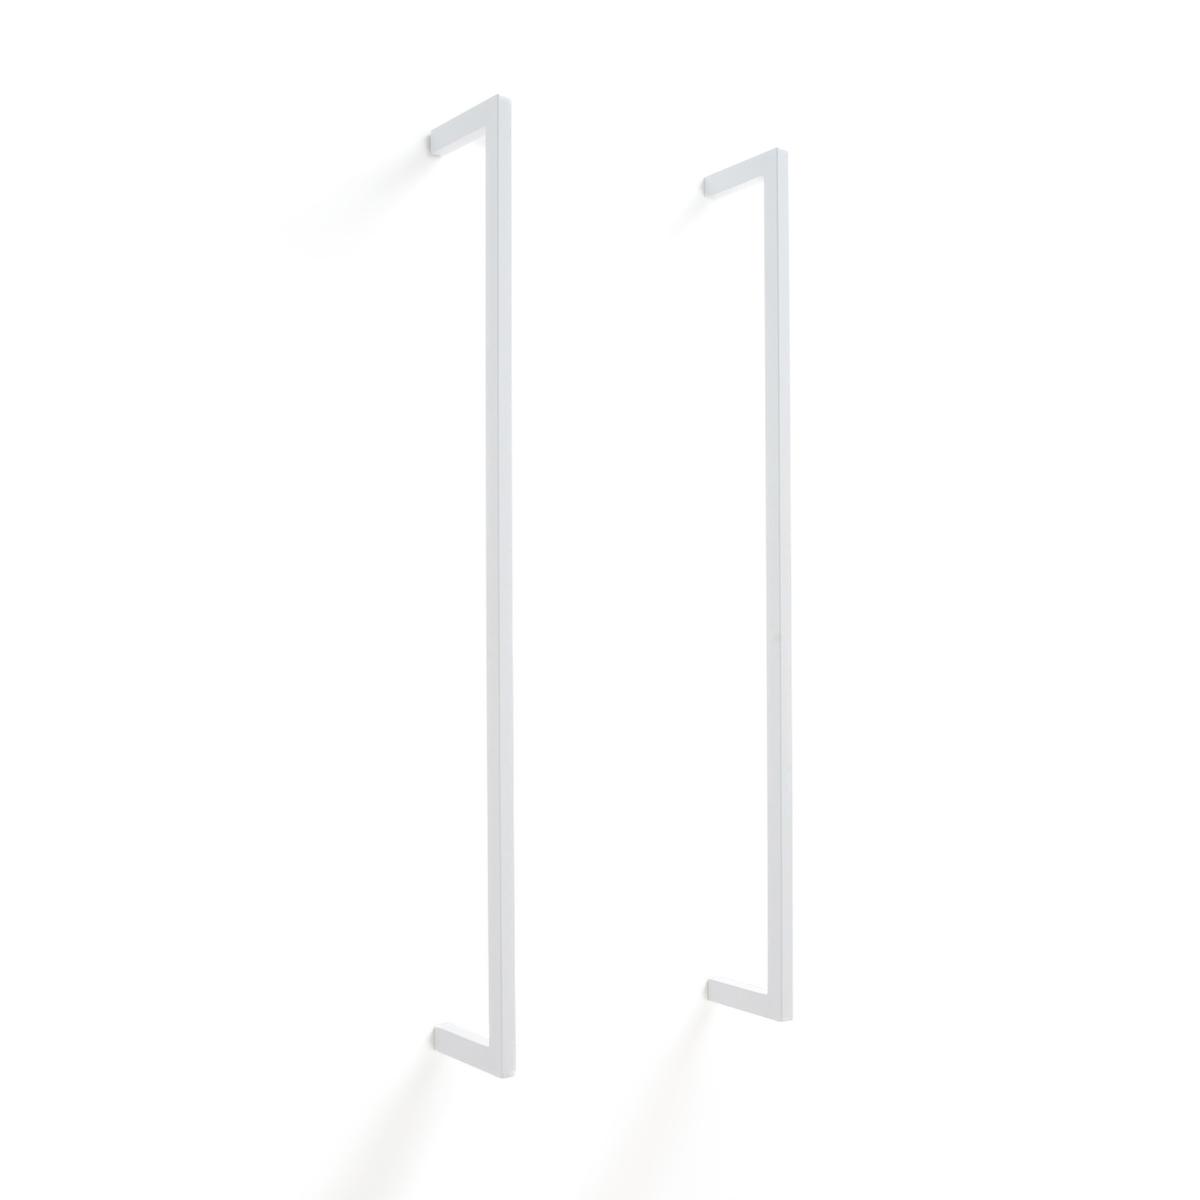 Стойка Archivita для системы крепления (x2)